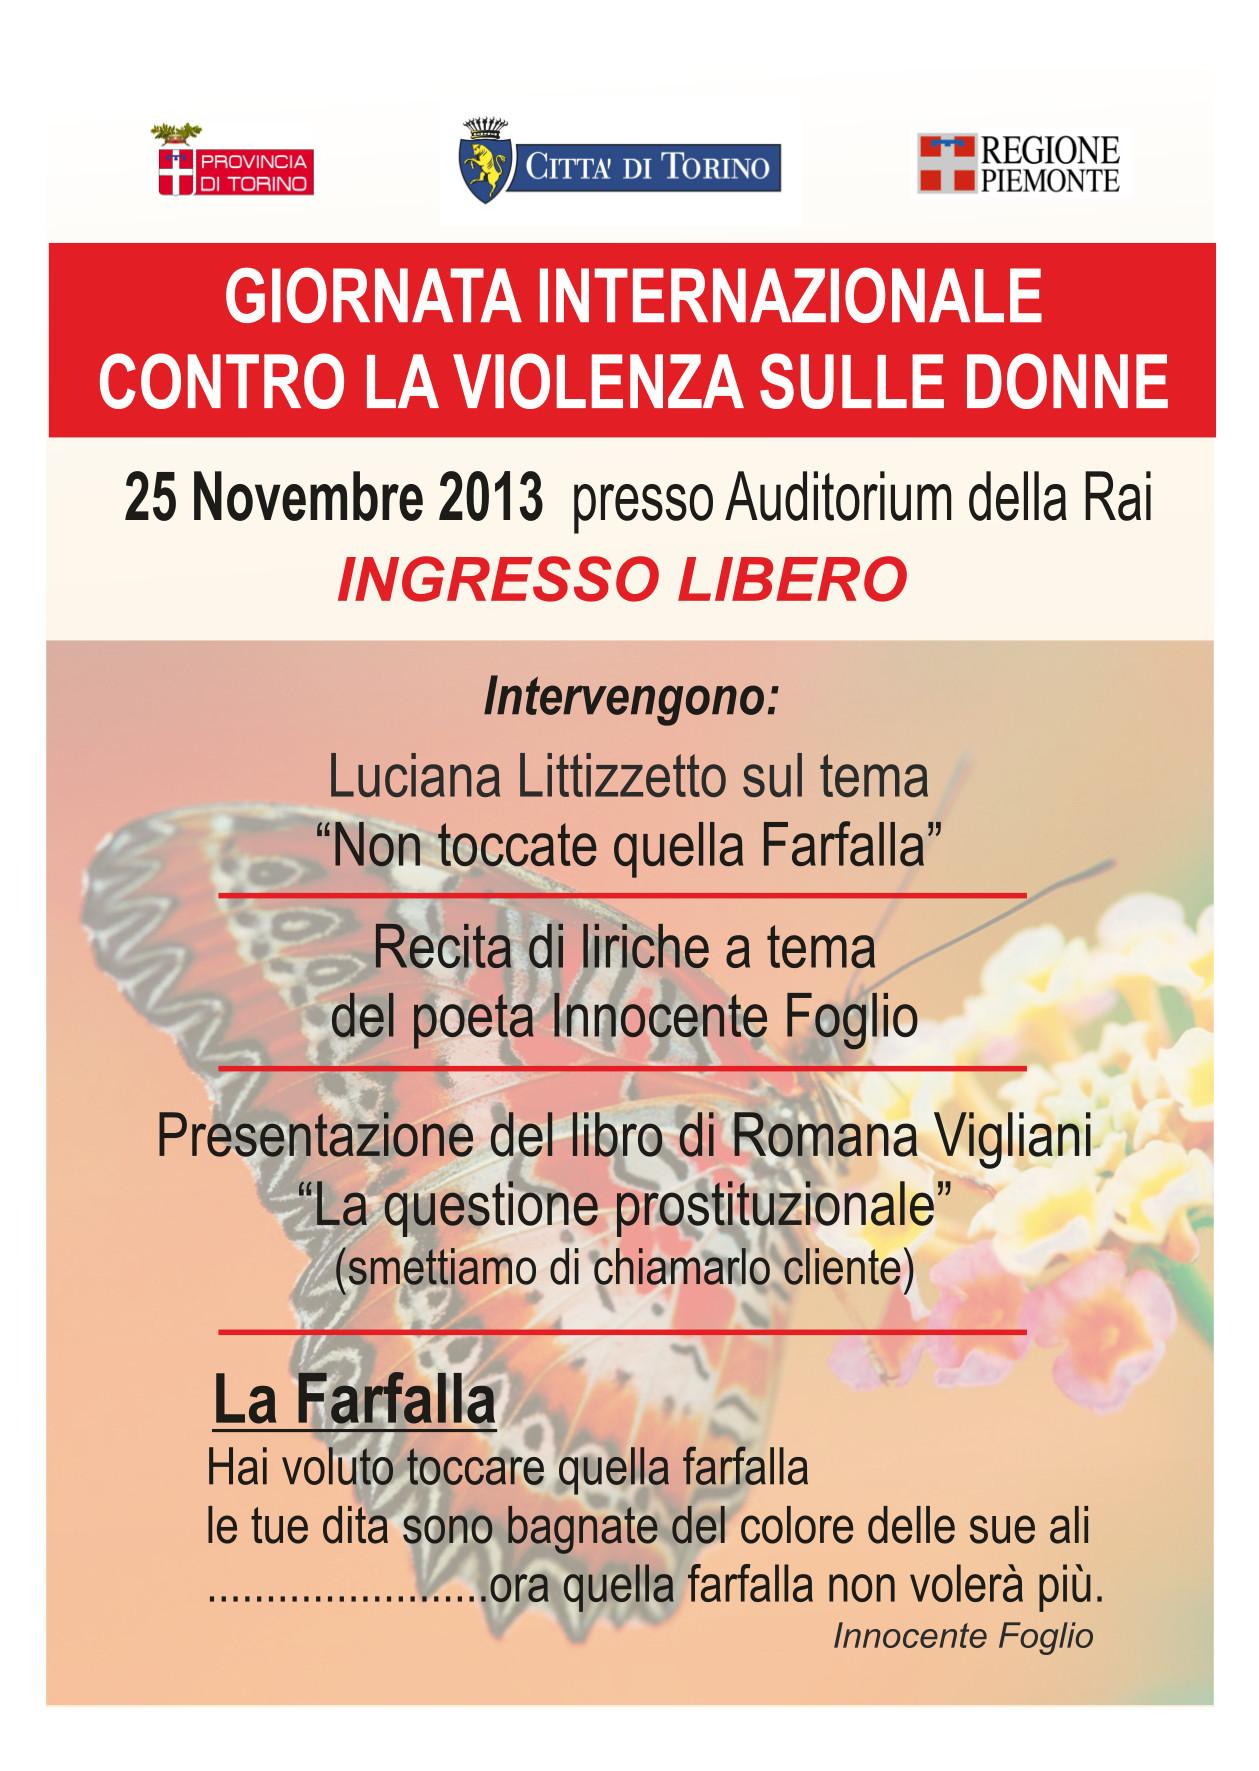 giornata internazionale contro la violenza sulle donne - innocente foglio